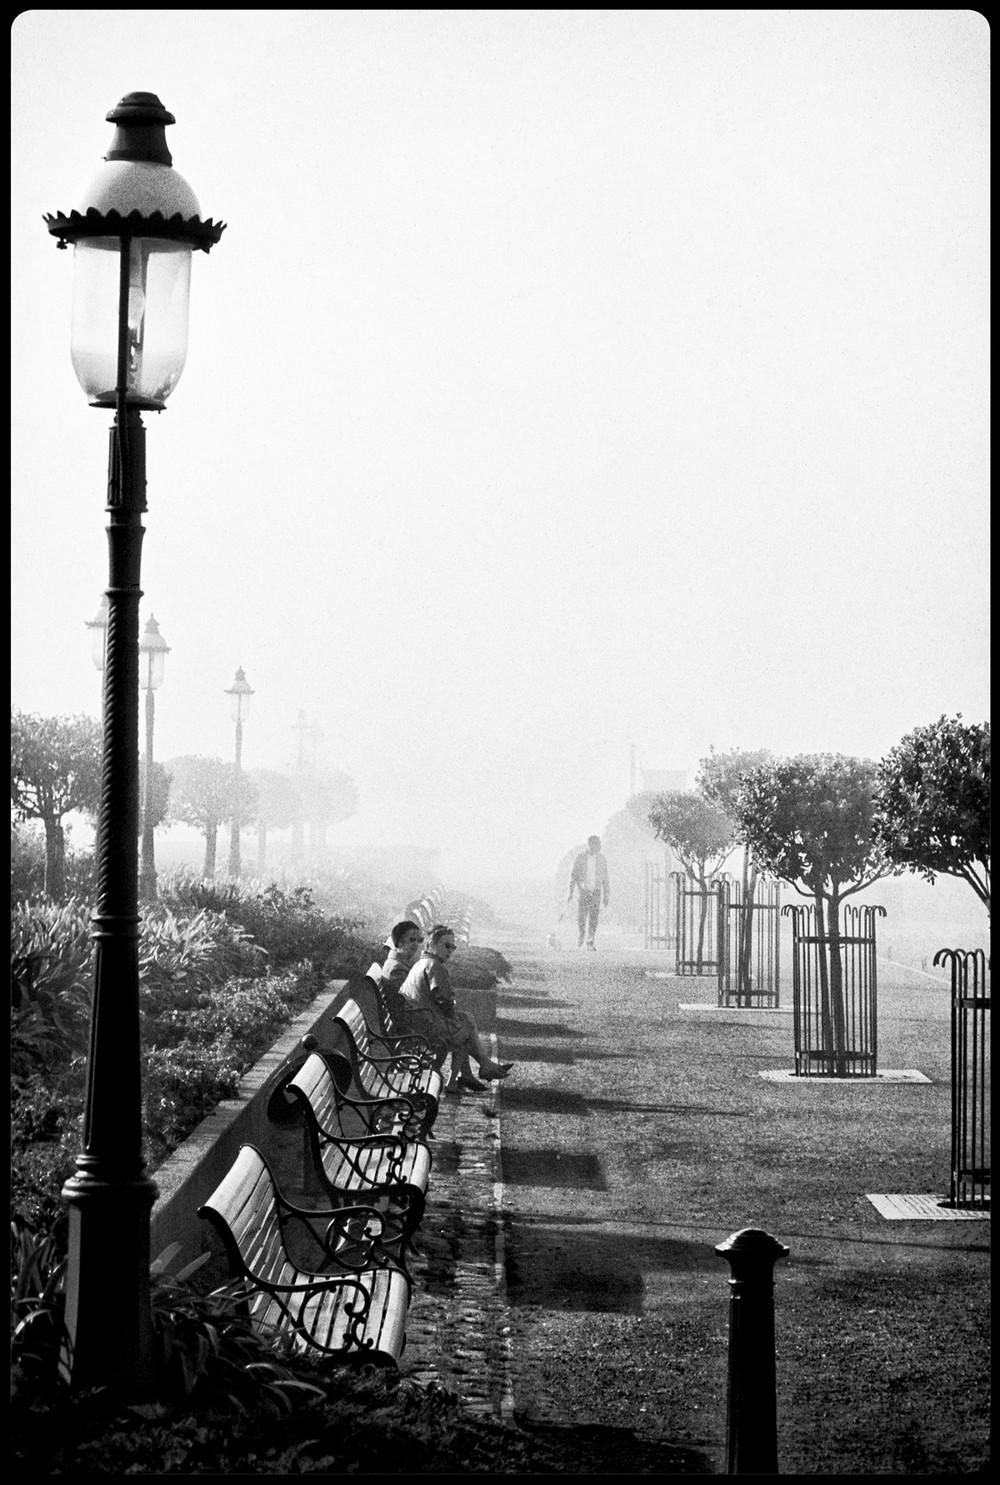 San-Frantsisko-ulichnye-fotografii-1940-50-godov-Freda-Liona 21